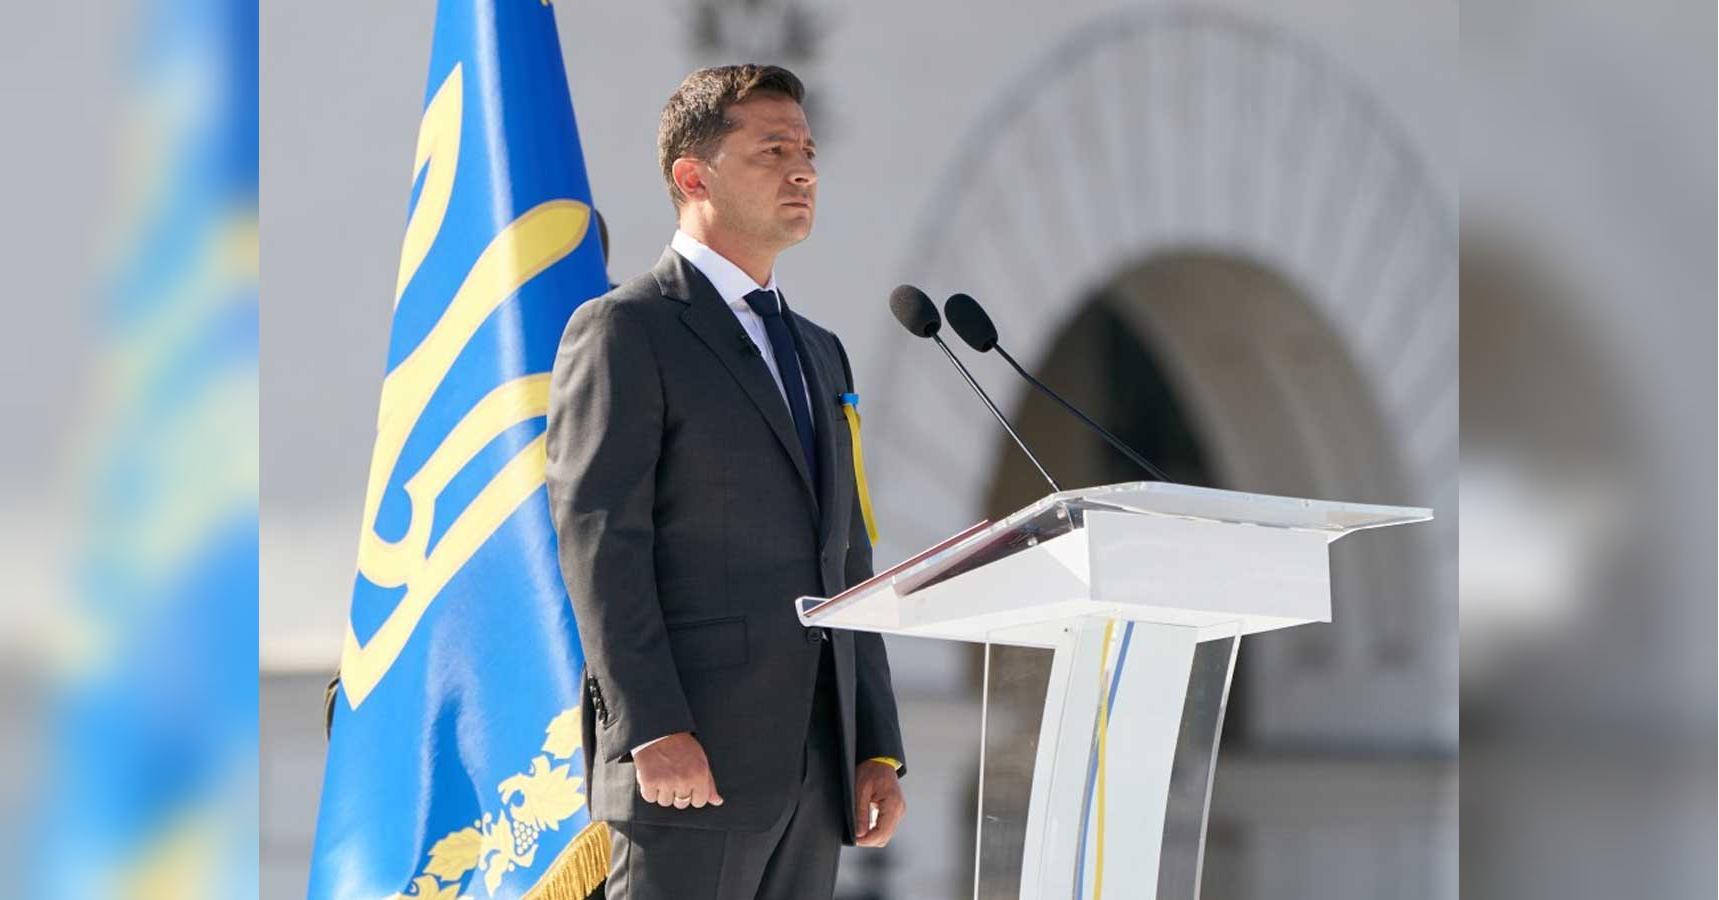 Военный парад в Украине: Зеленский огласил сроки и условия